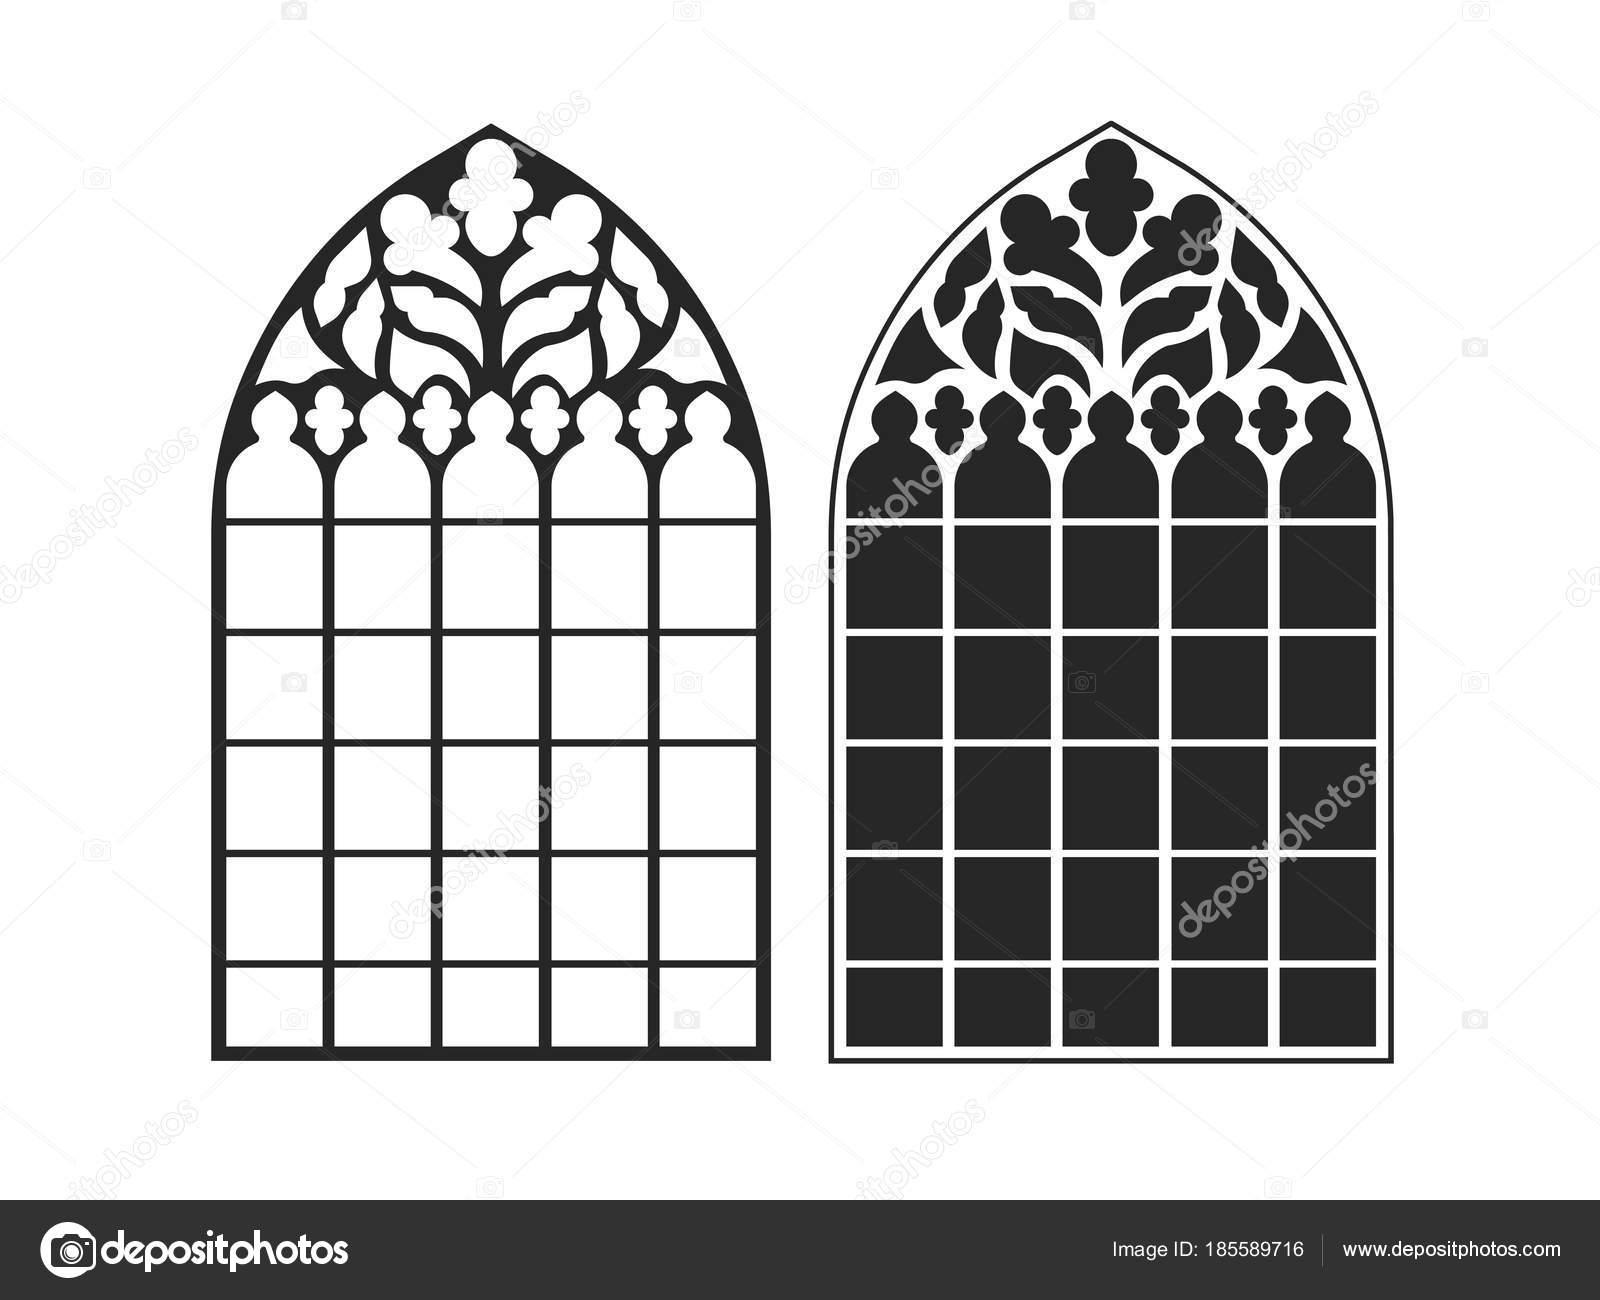 Finestre gotiche cornici d 39 epoca vetrate di chiesa vettoriali stock matc 185589716 - Finestre d epoca ...